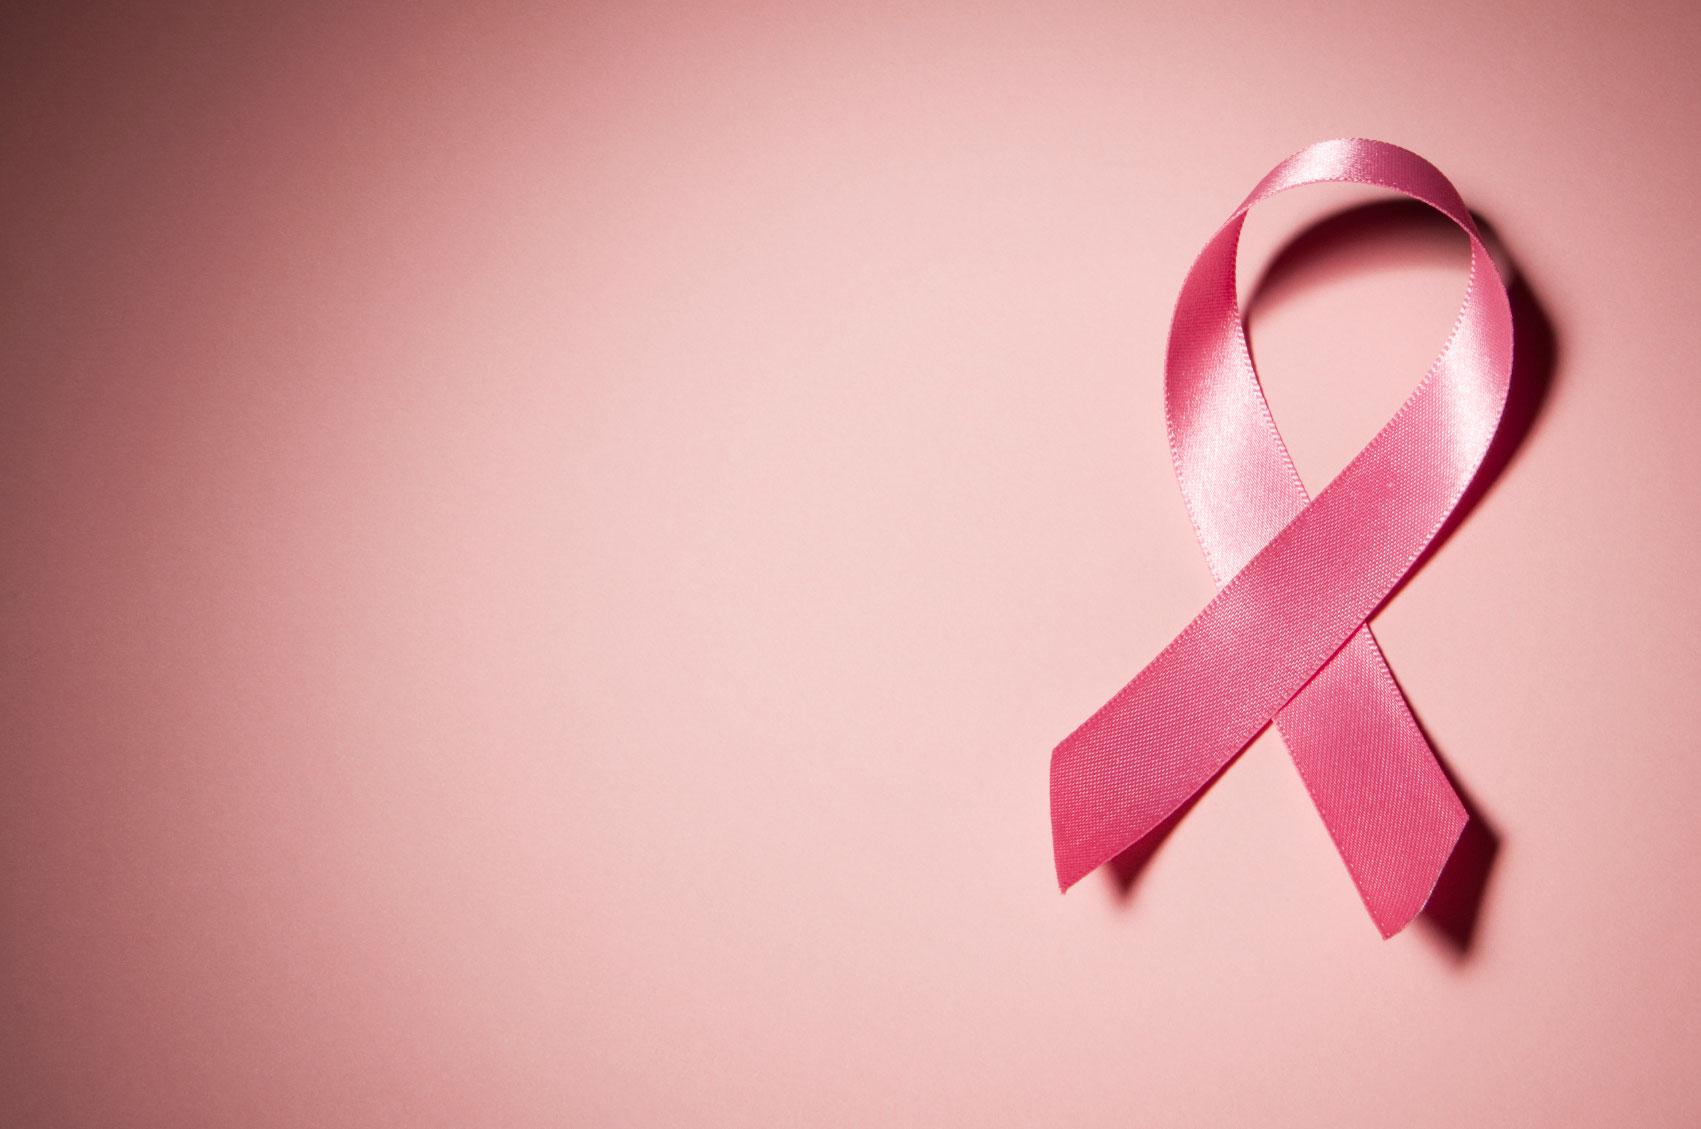 Quels sont les facteurs de risque des cancers ?